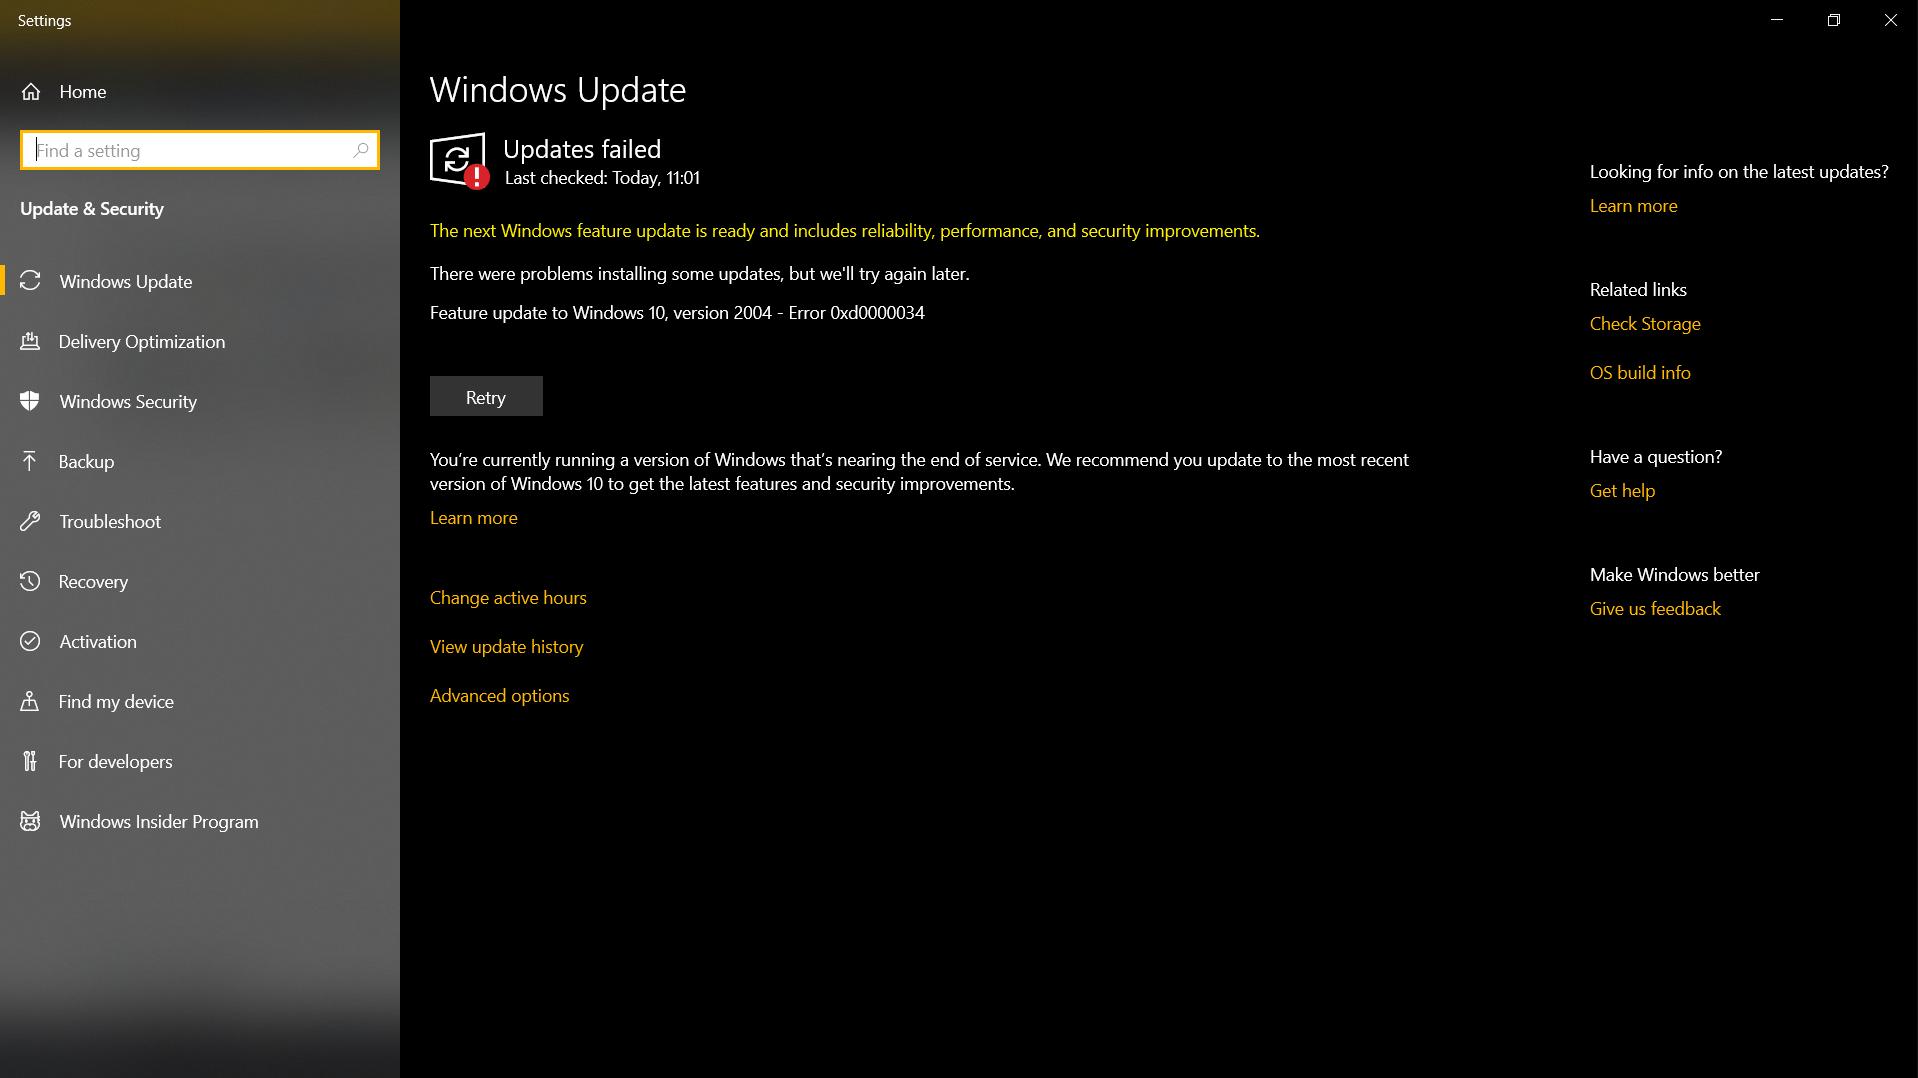 Feature update to Windows 10, version 2004 - Error 0xd0000034 d724e9e5-402f-4cc9-869e-42ada32c58f0?upload=true.png